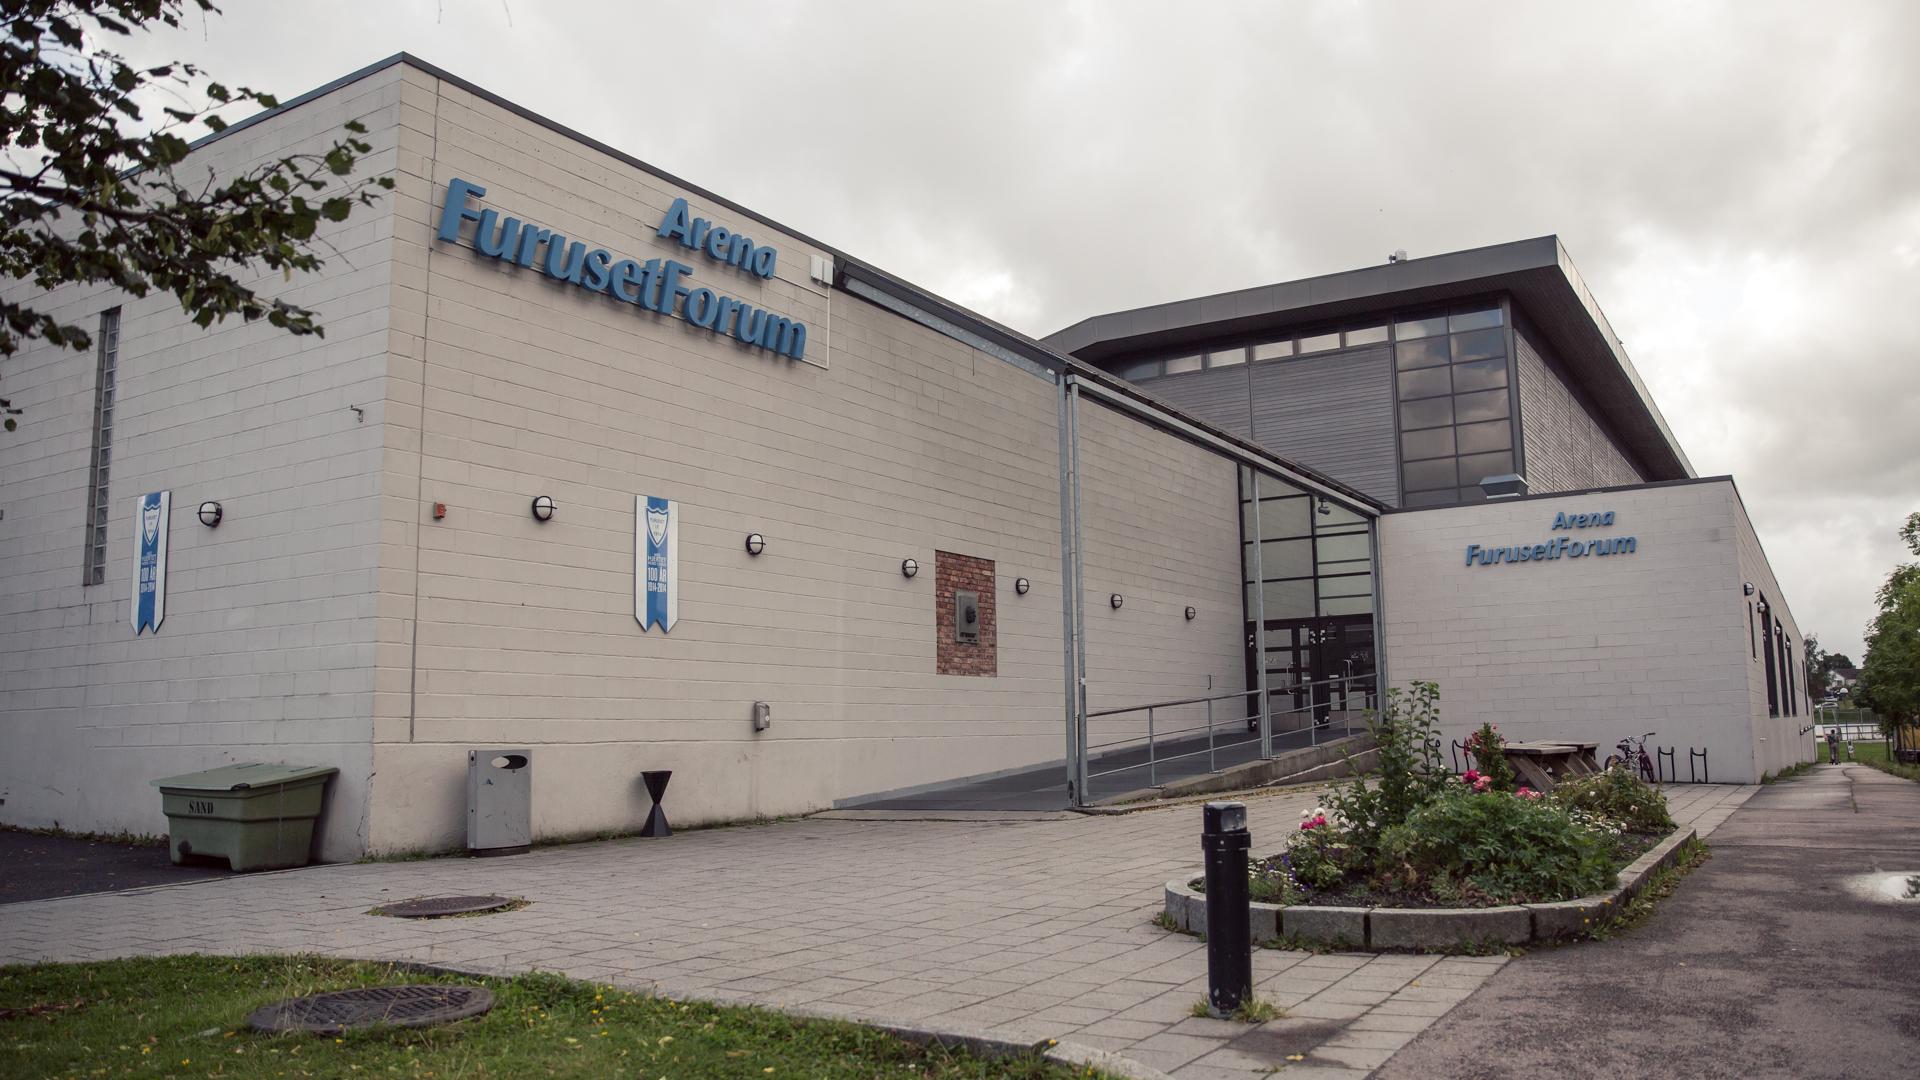 FurusetForum